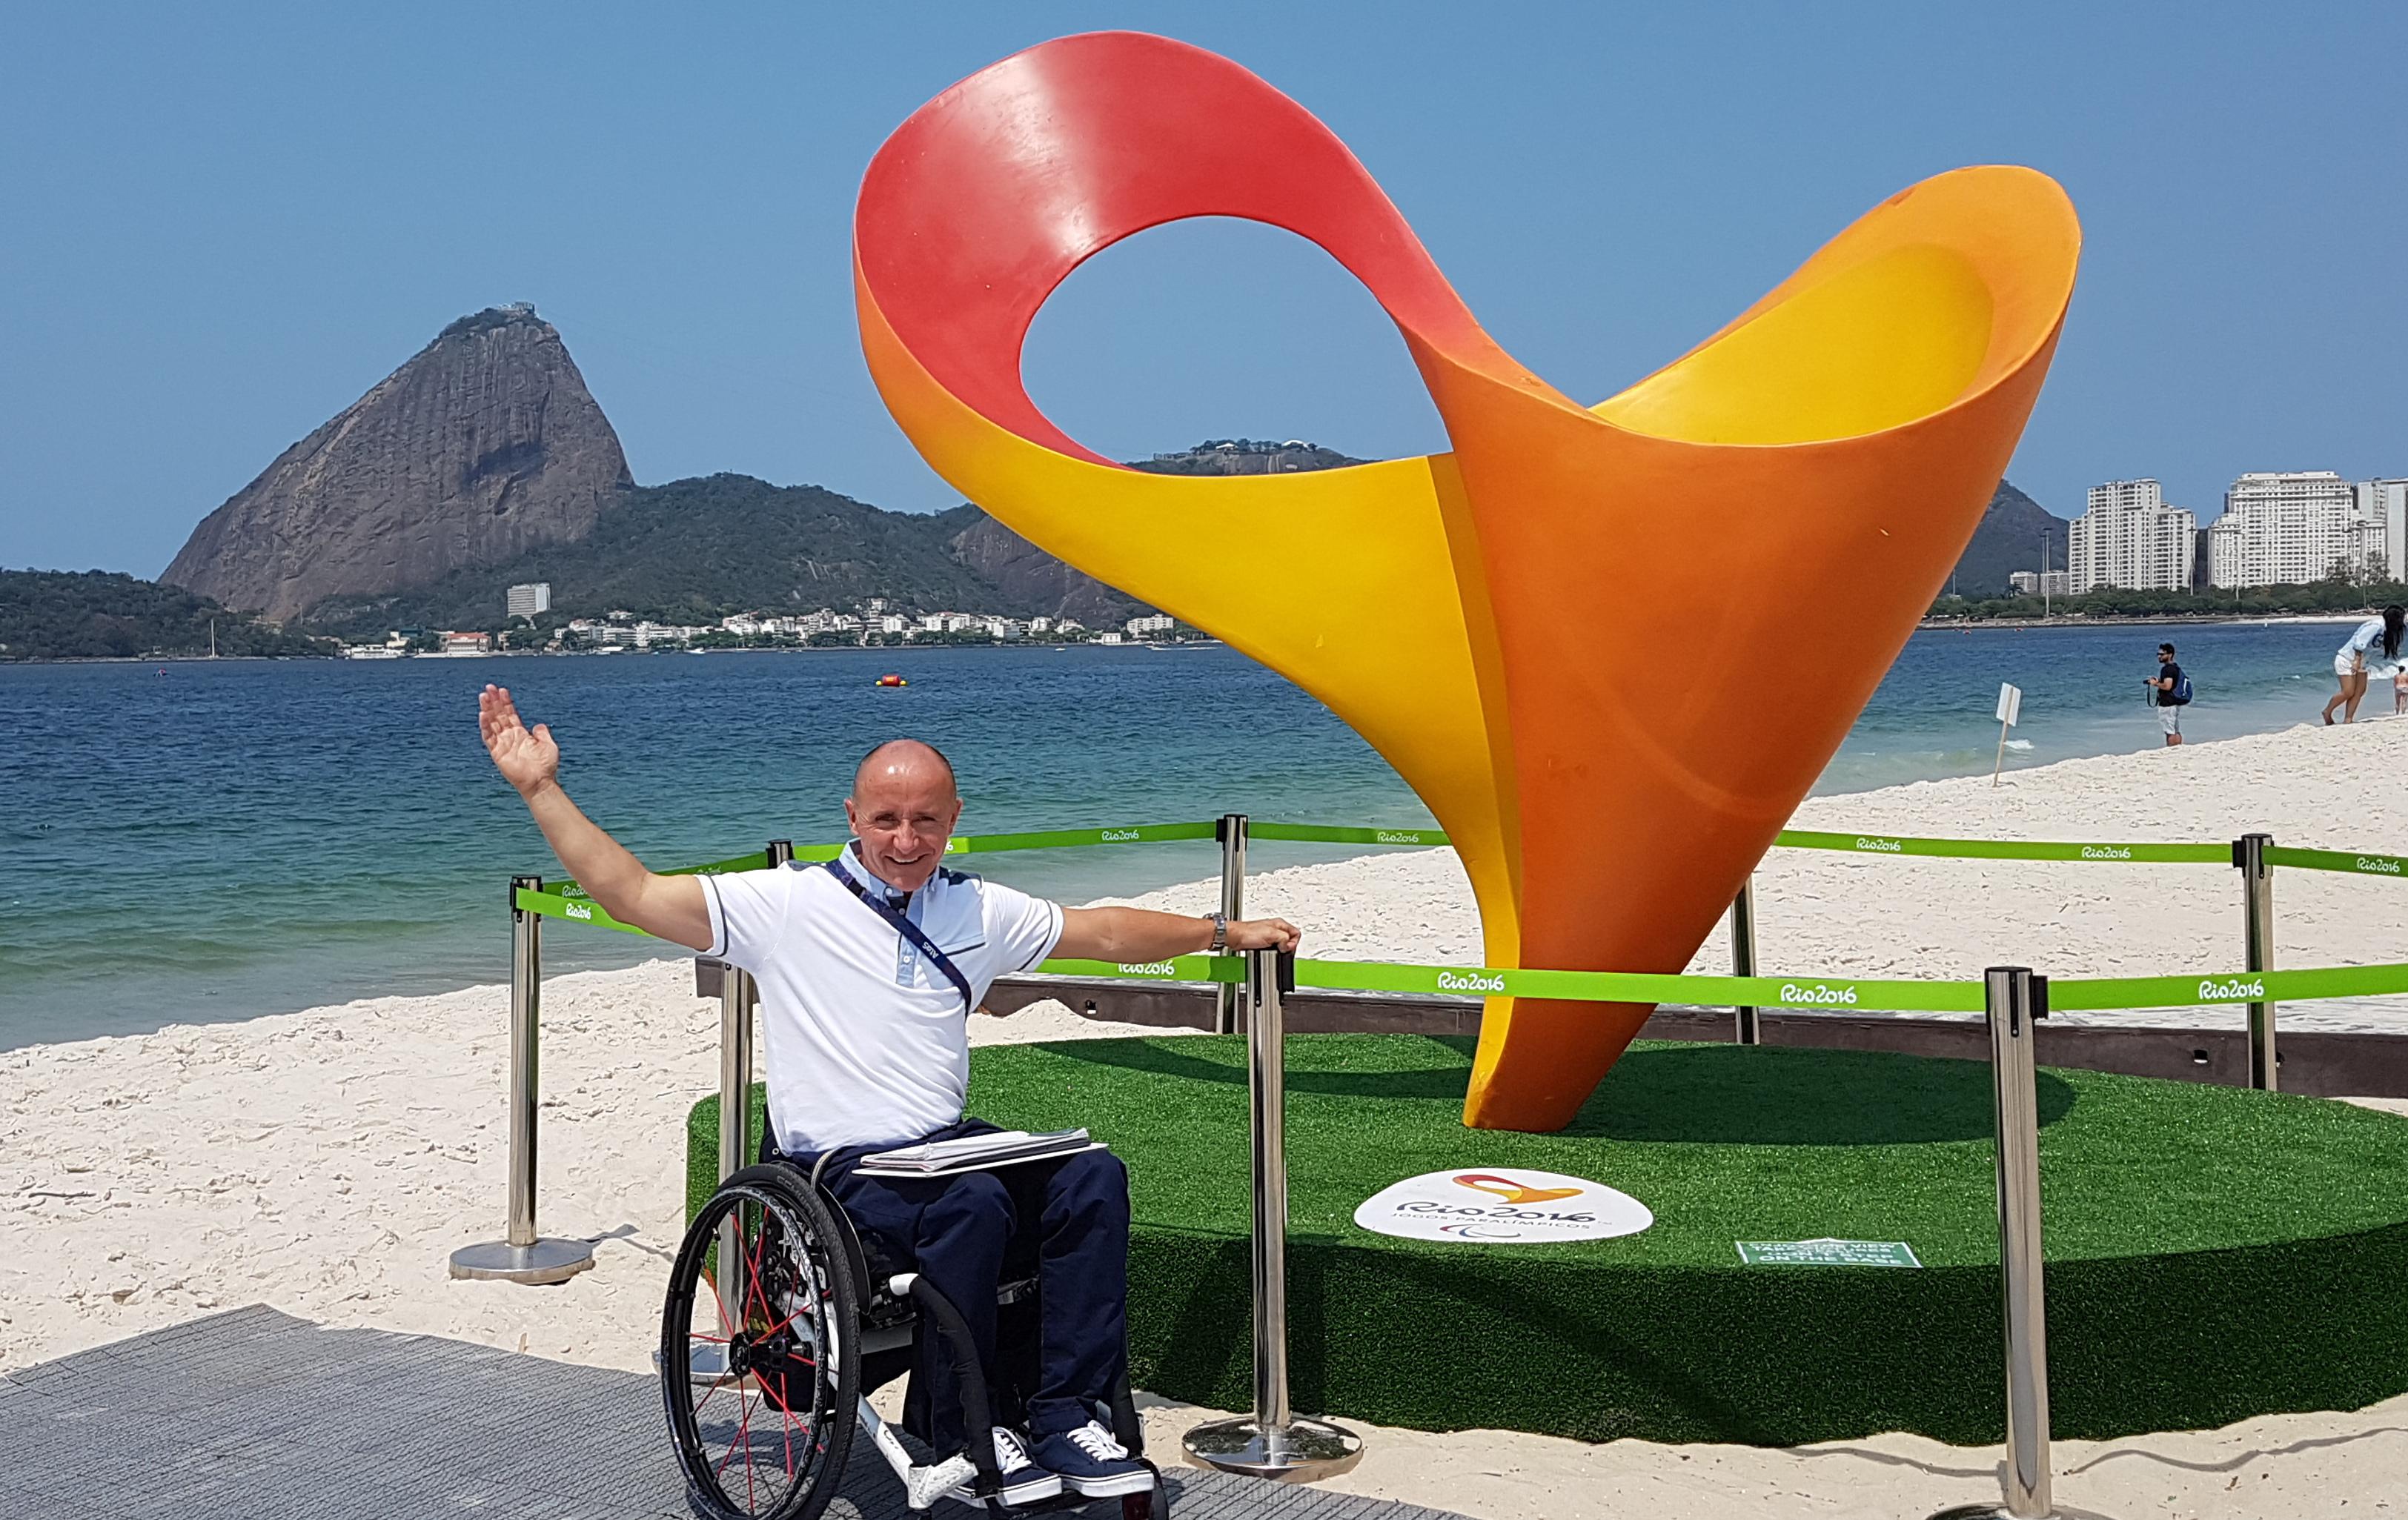 Rio 2016 - Paralympics